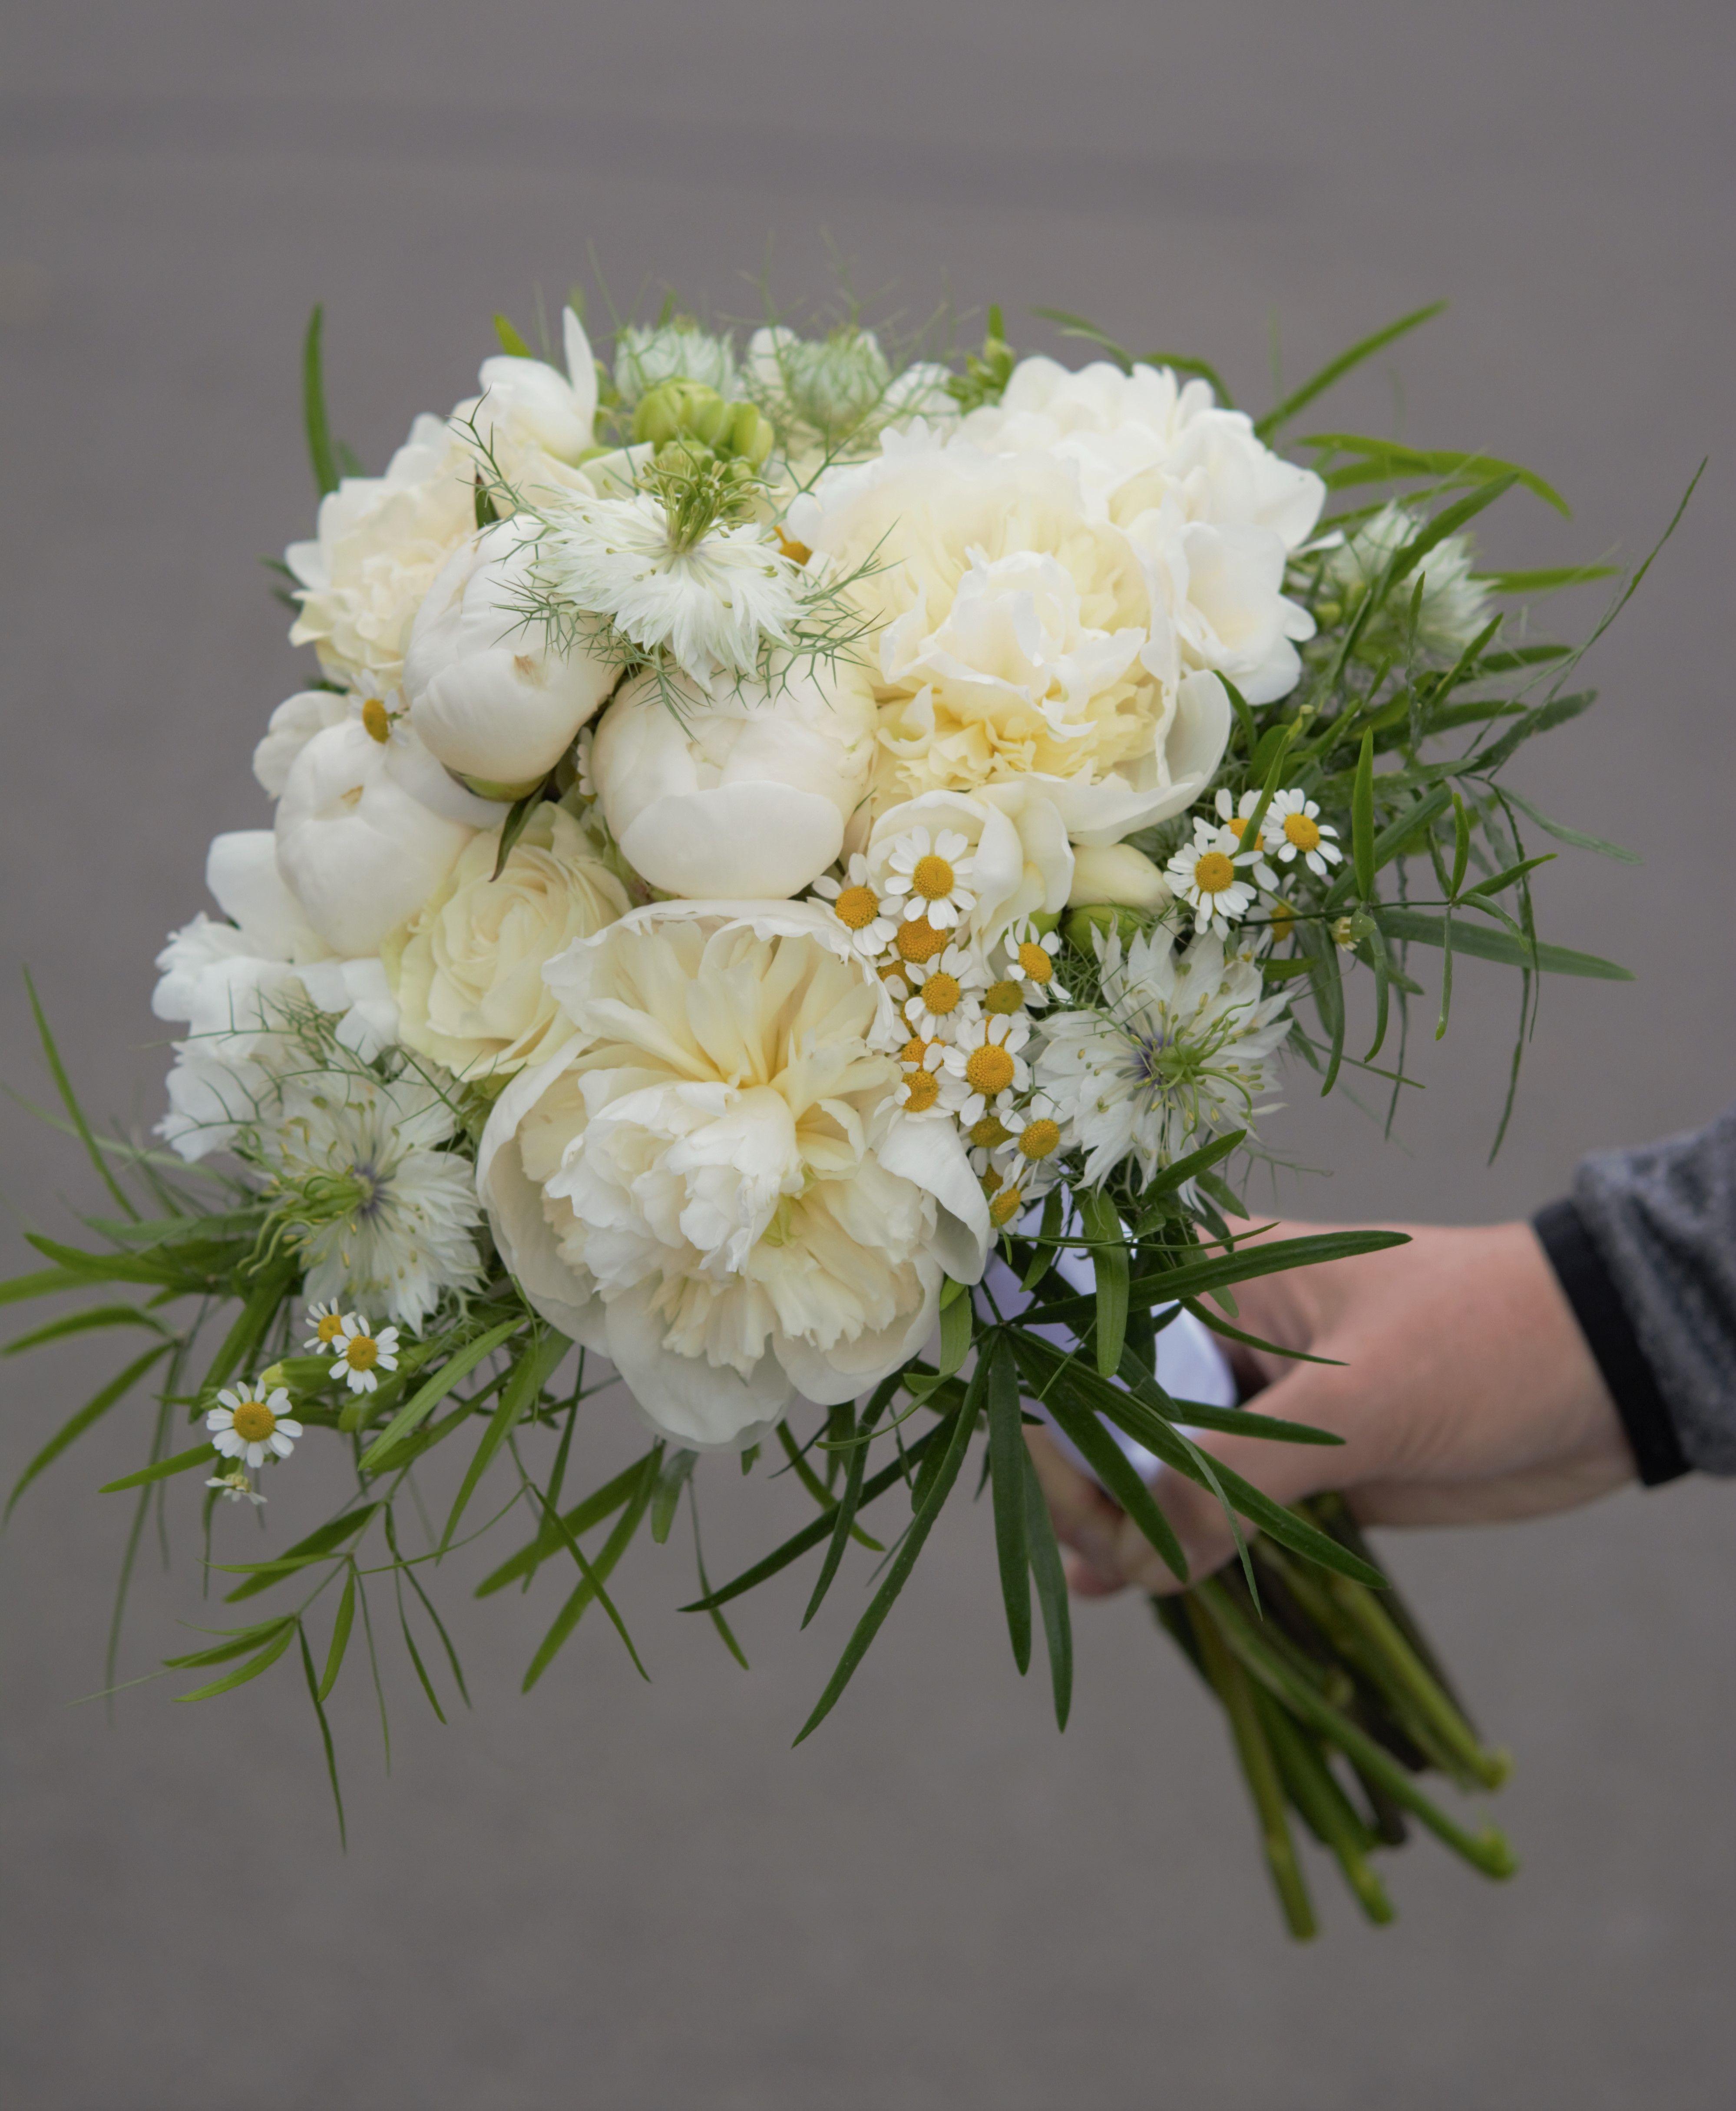 8f7f723c16 Krásna biela svadobná kytica z voňavých pivónií a ruží.  svadaobná kytica   svadba